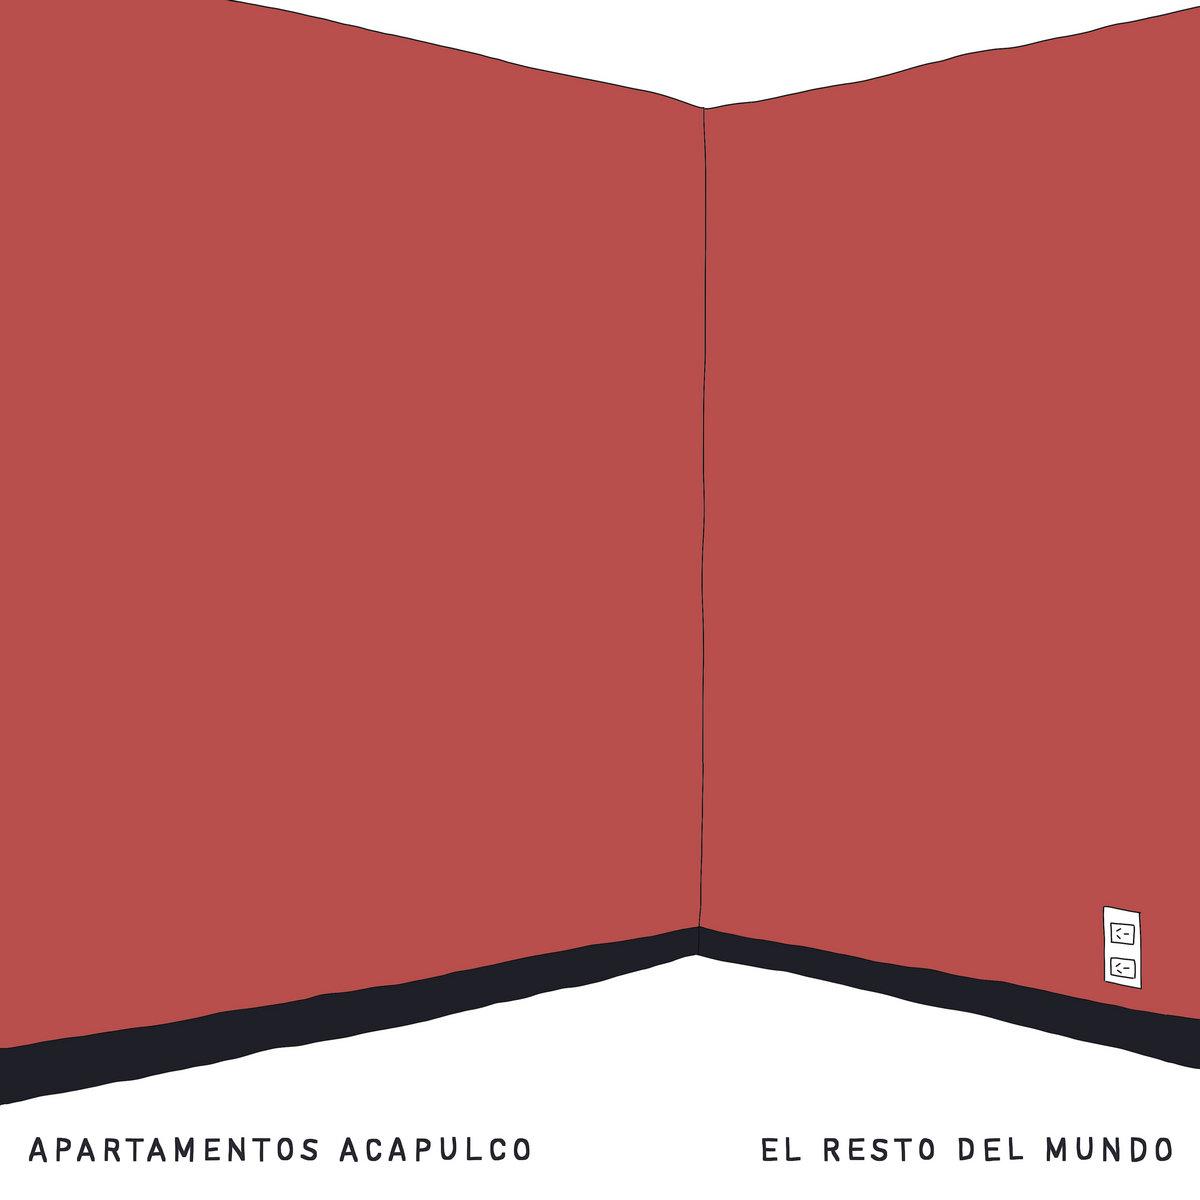 Resultado de imagen de Apartamentos Acapulco - El Resto del Mundo